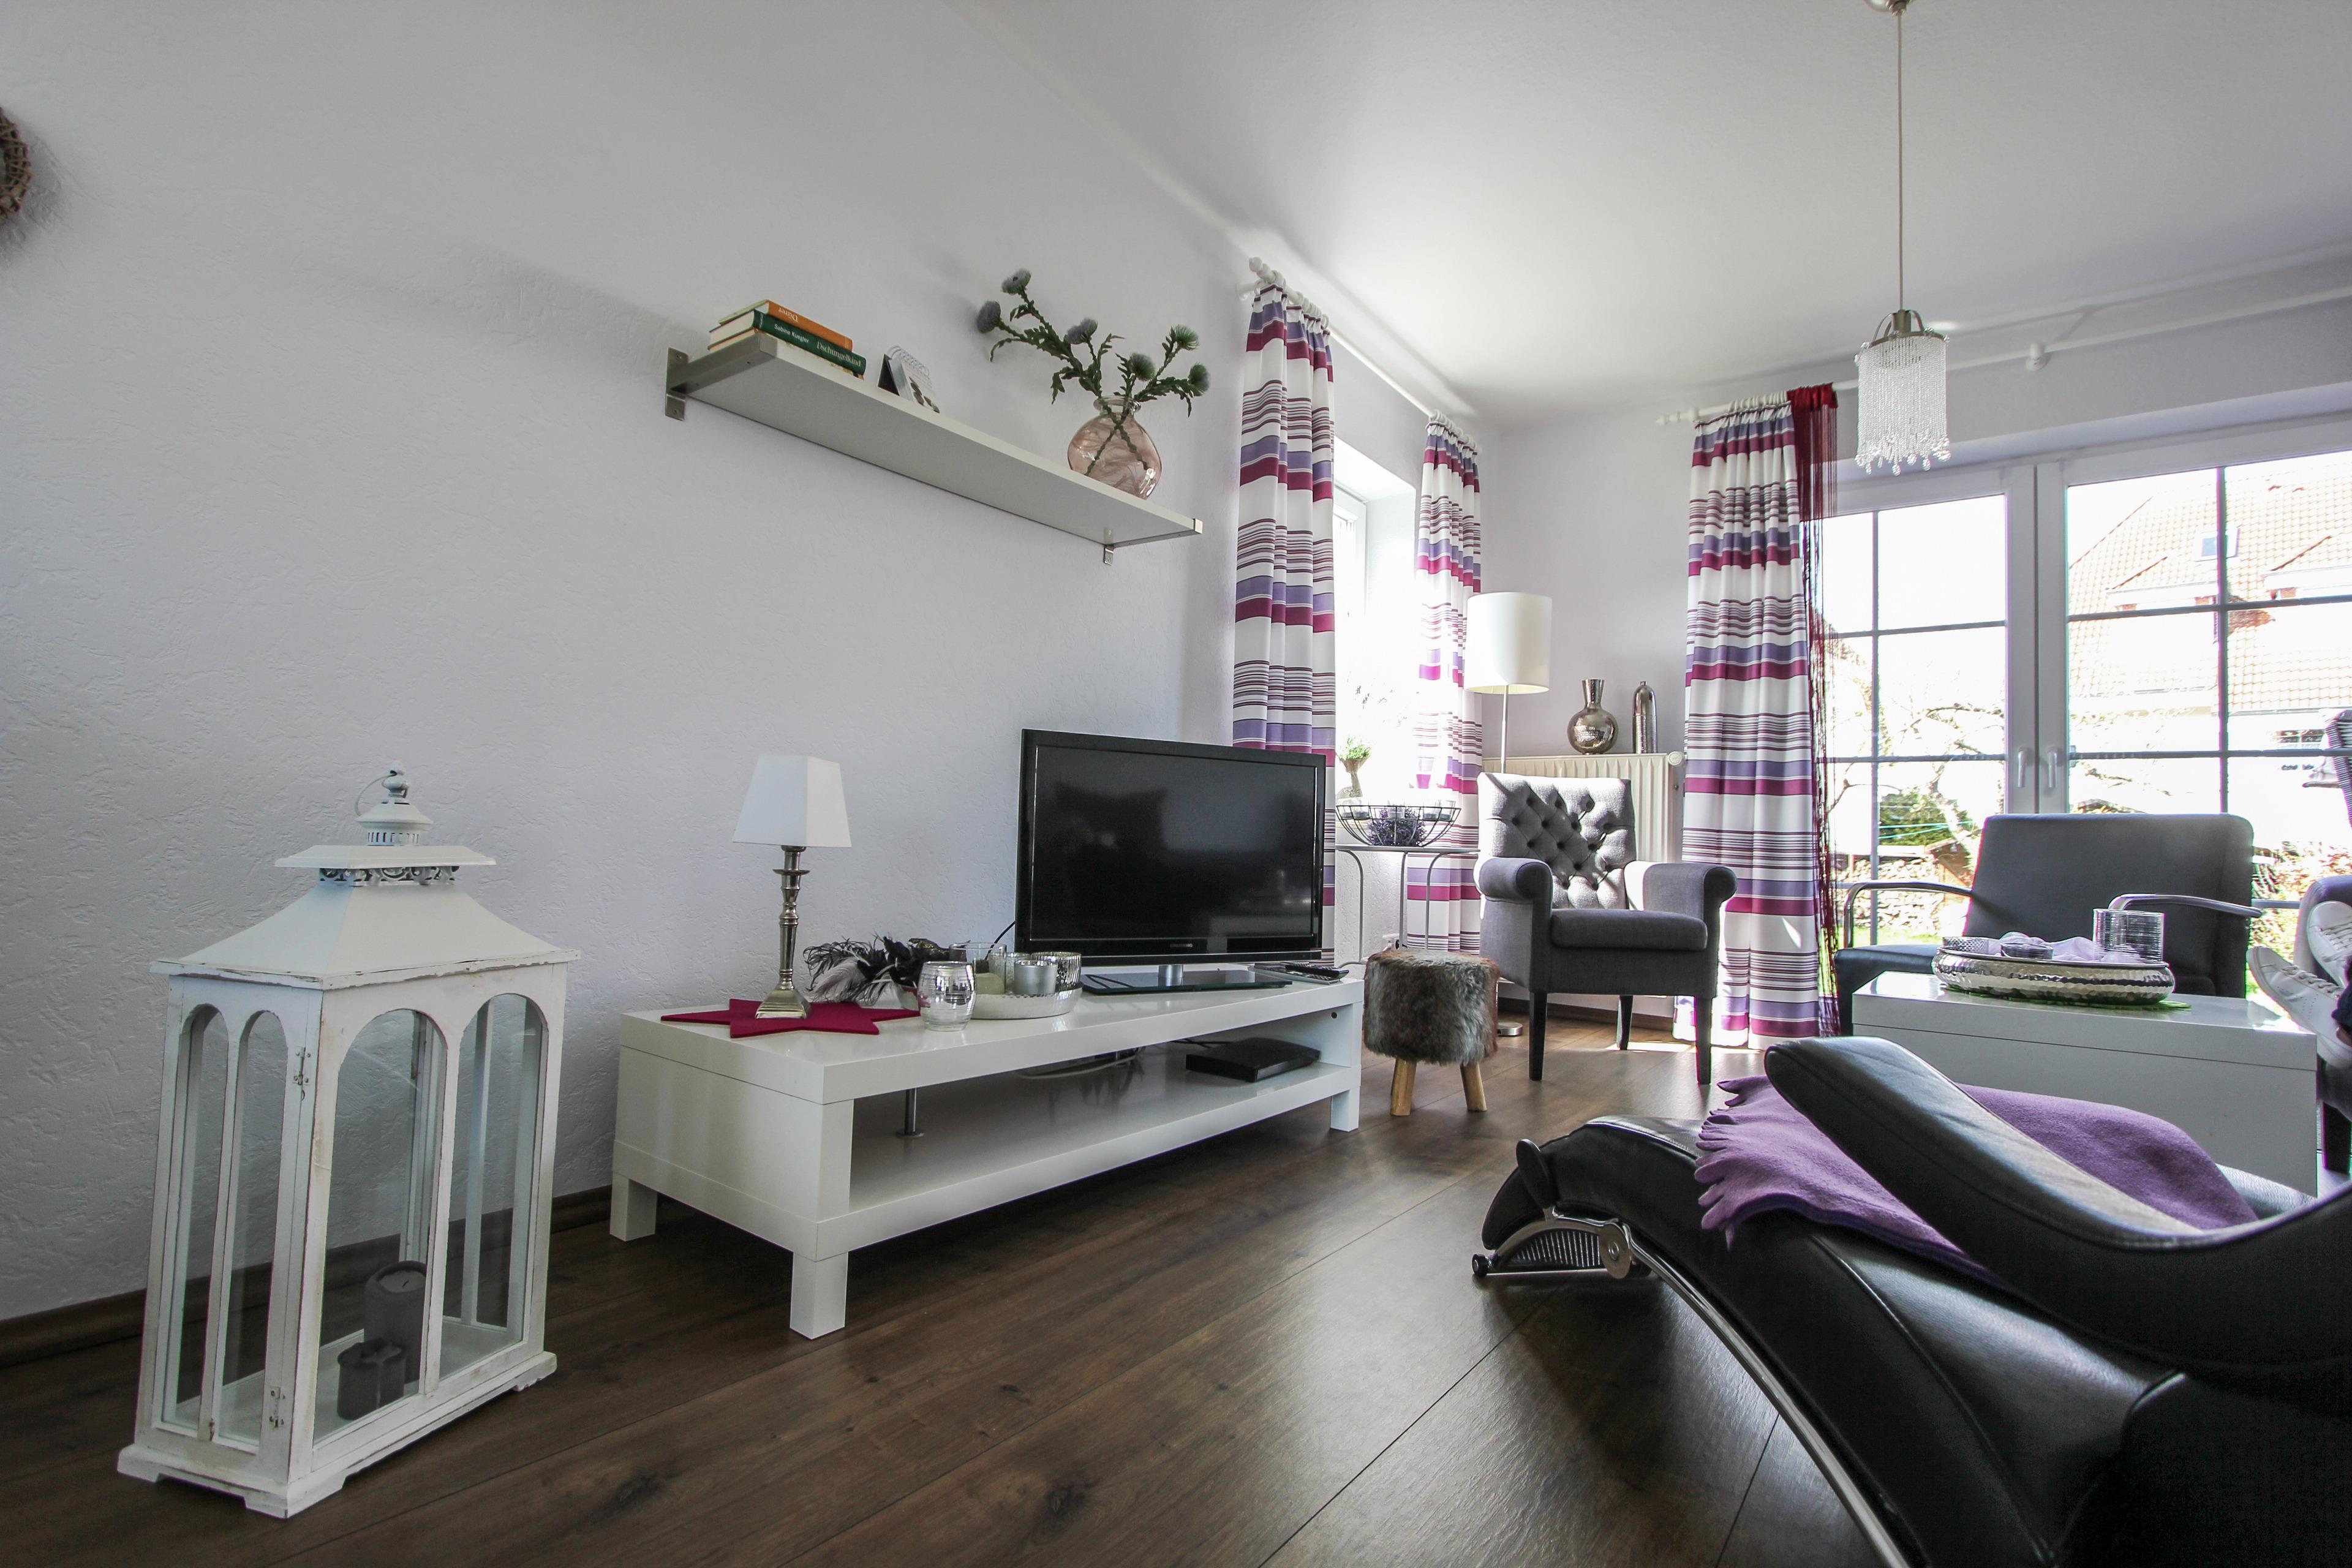 ferienhaus burg auf fehmarn 4 personen deutschland ostsee inseln 837261. Black Bedroom Furniture Sets. Home Design Ideas